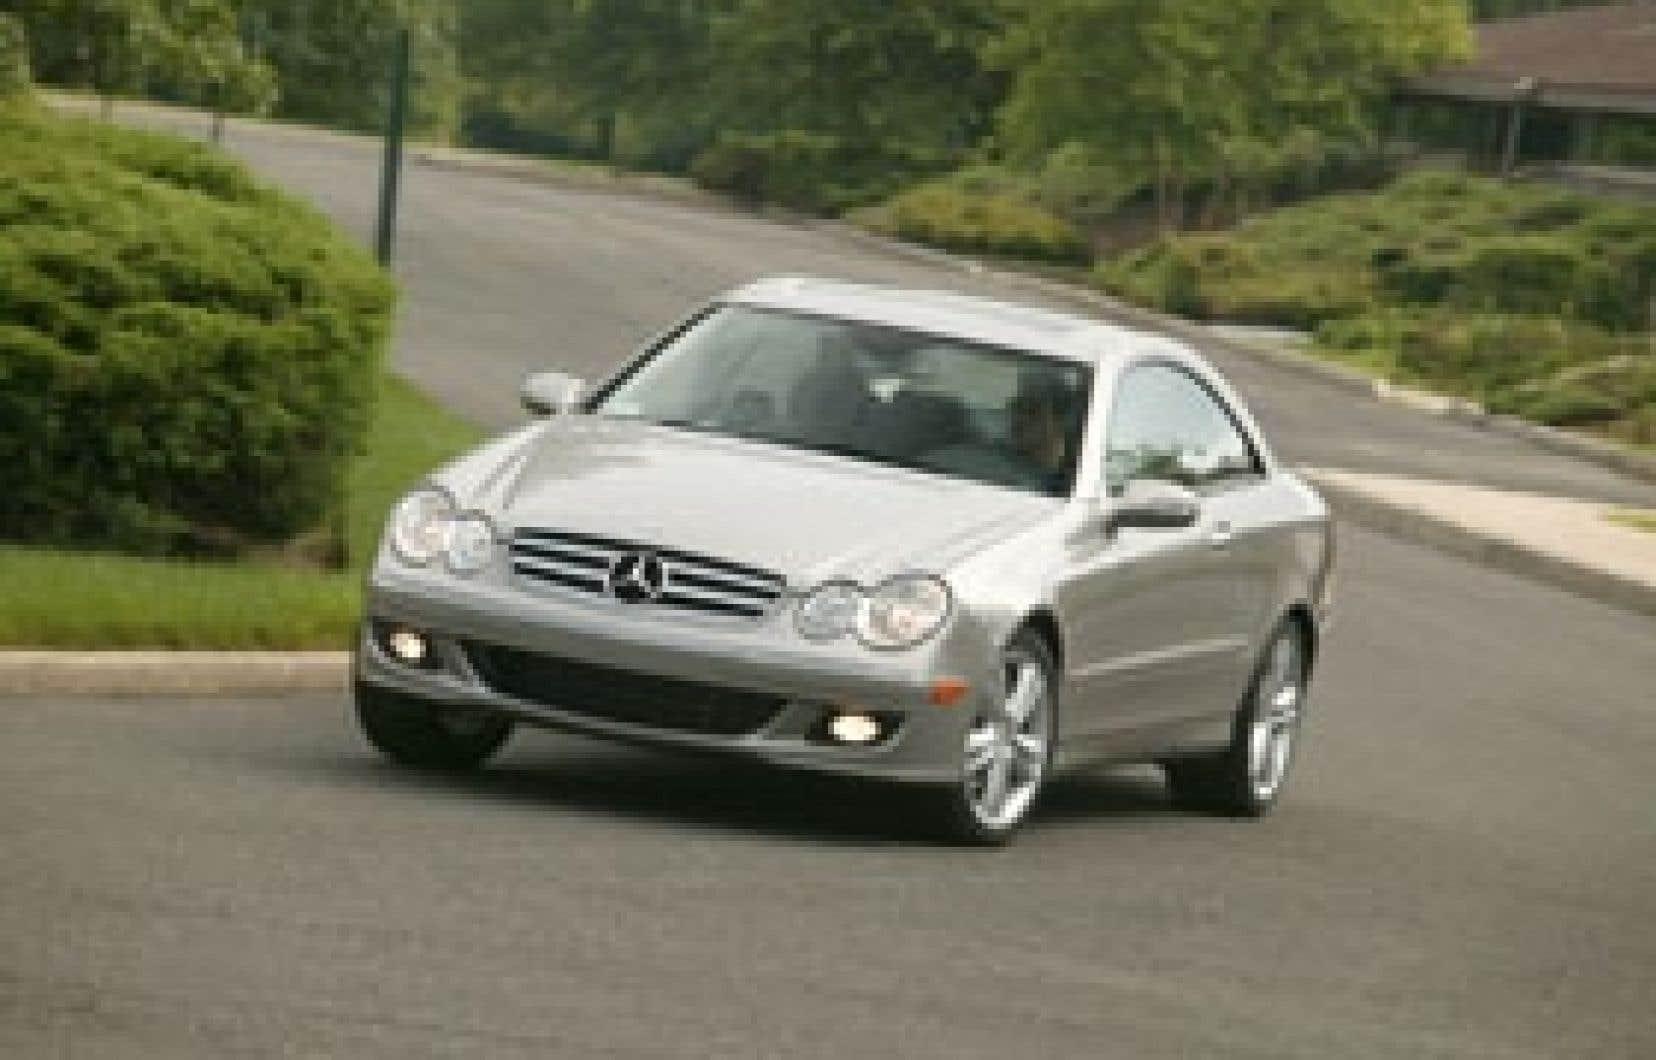 Aucun modèle Mercedes n'est recommandé par Consumer Reports ni par le Guide annuel autos 2007 de Protégez-vous. Pour une marque de prestige, voilà qui est plutôt navrant, d'autant plus que ce constructeur reconnaît du bout des lèvres ses probl